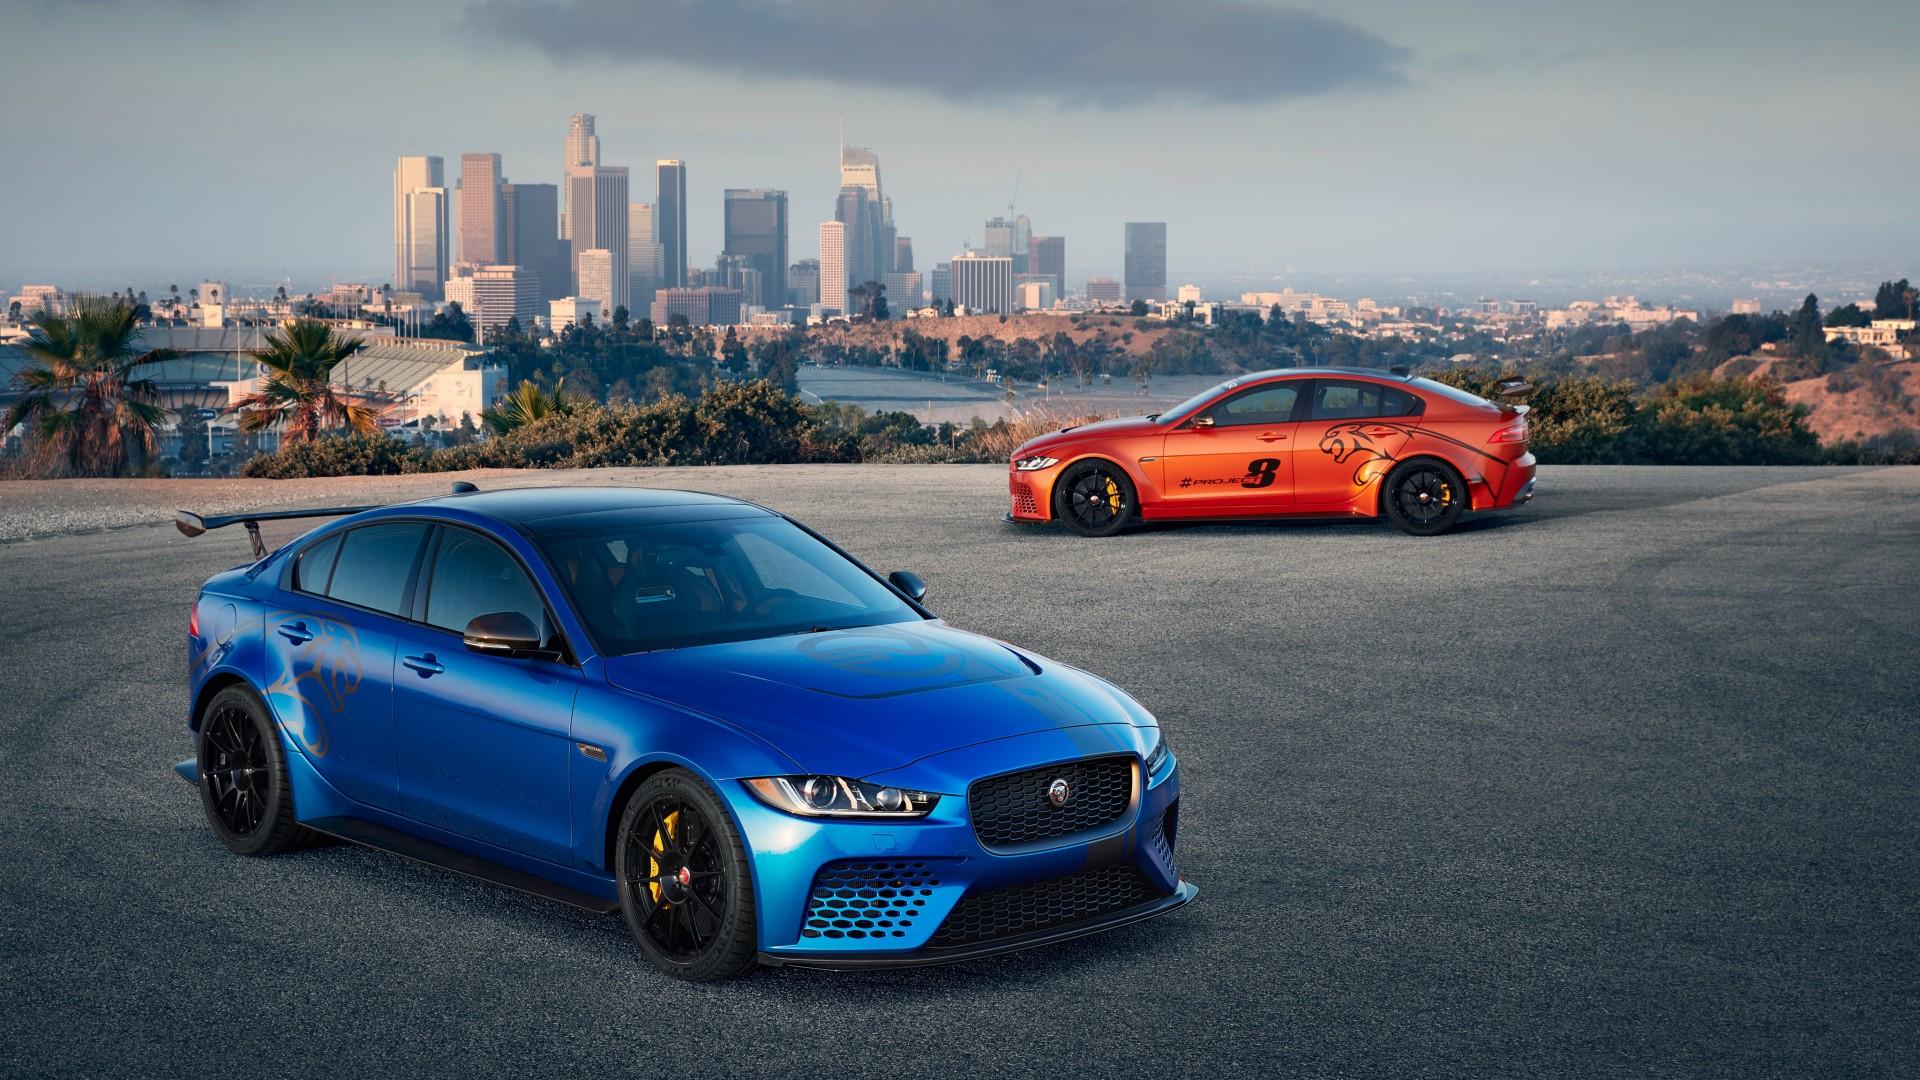 2018 Jaguar Xe Sv Project 8 3 Wallpaper Hd Car